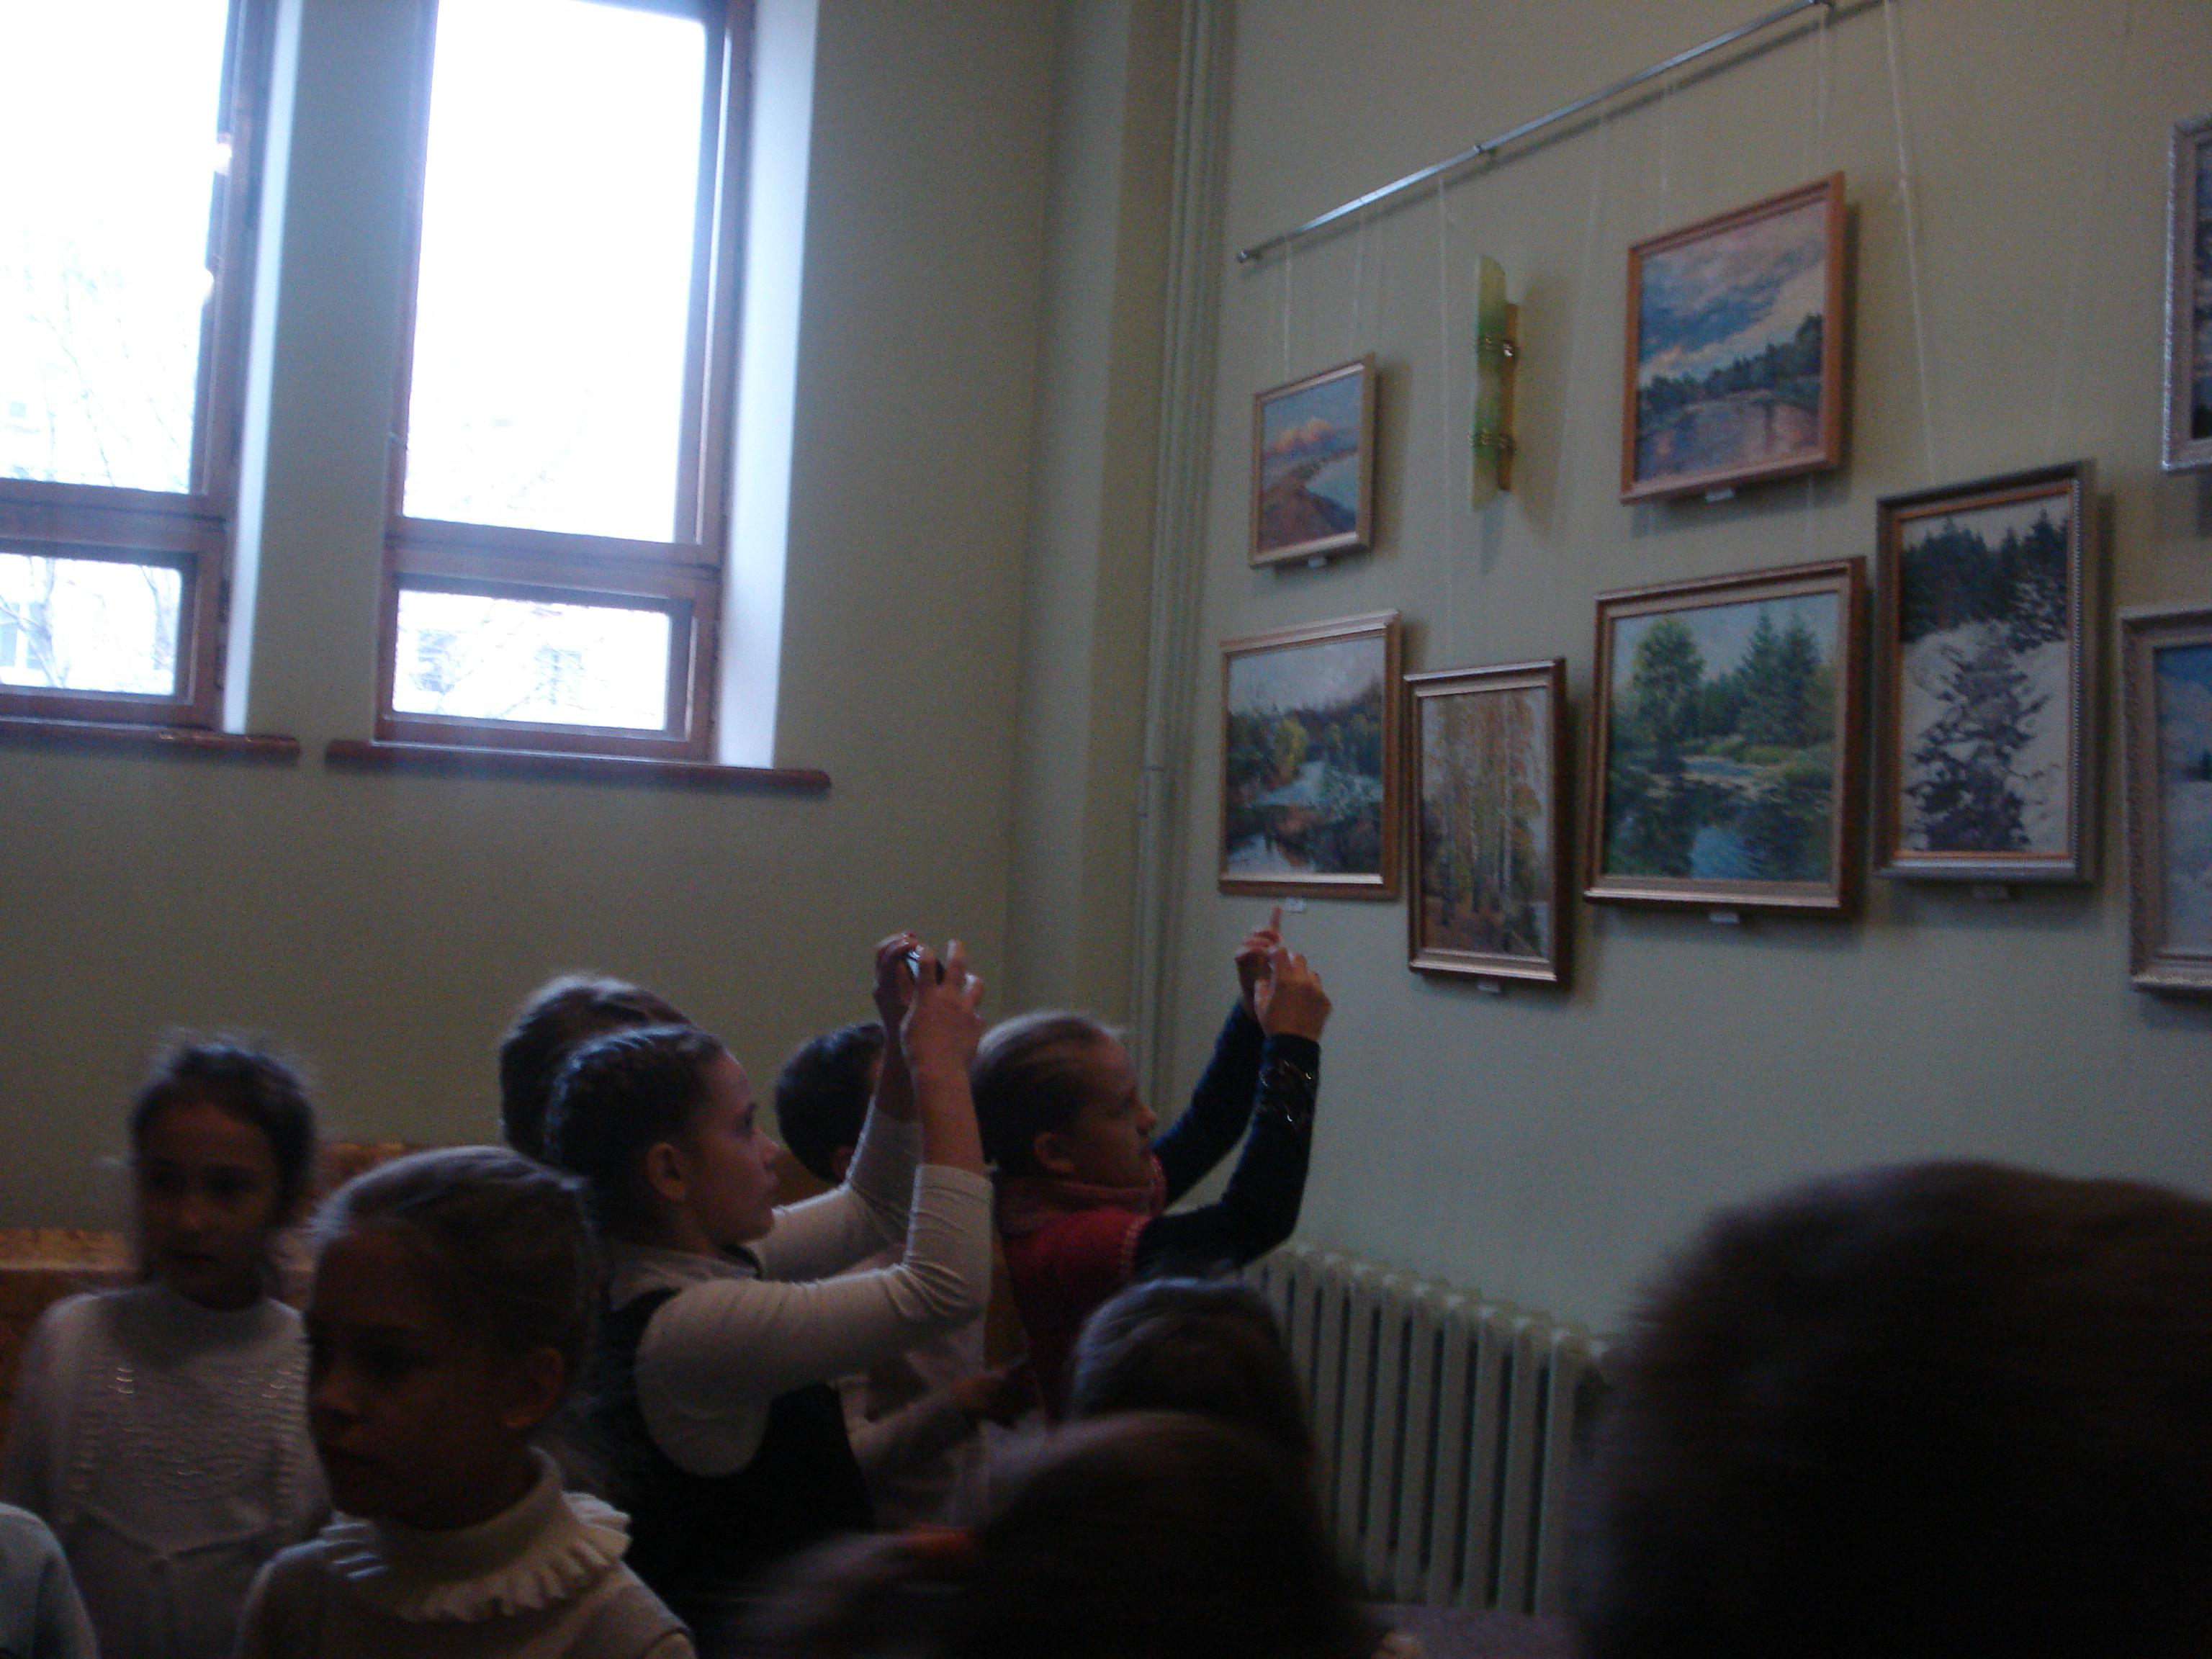 изобразительное искусство, донецкая республиканская библиотека для детей, отдел обслуживания дошкольников и учащихся 1-4 классов, елена трунова, донецкий художественный музей, донецкая школа 14